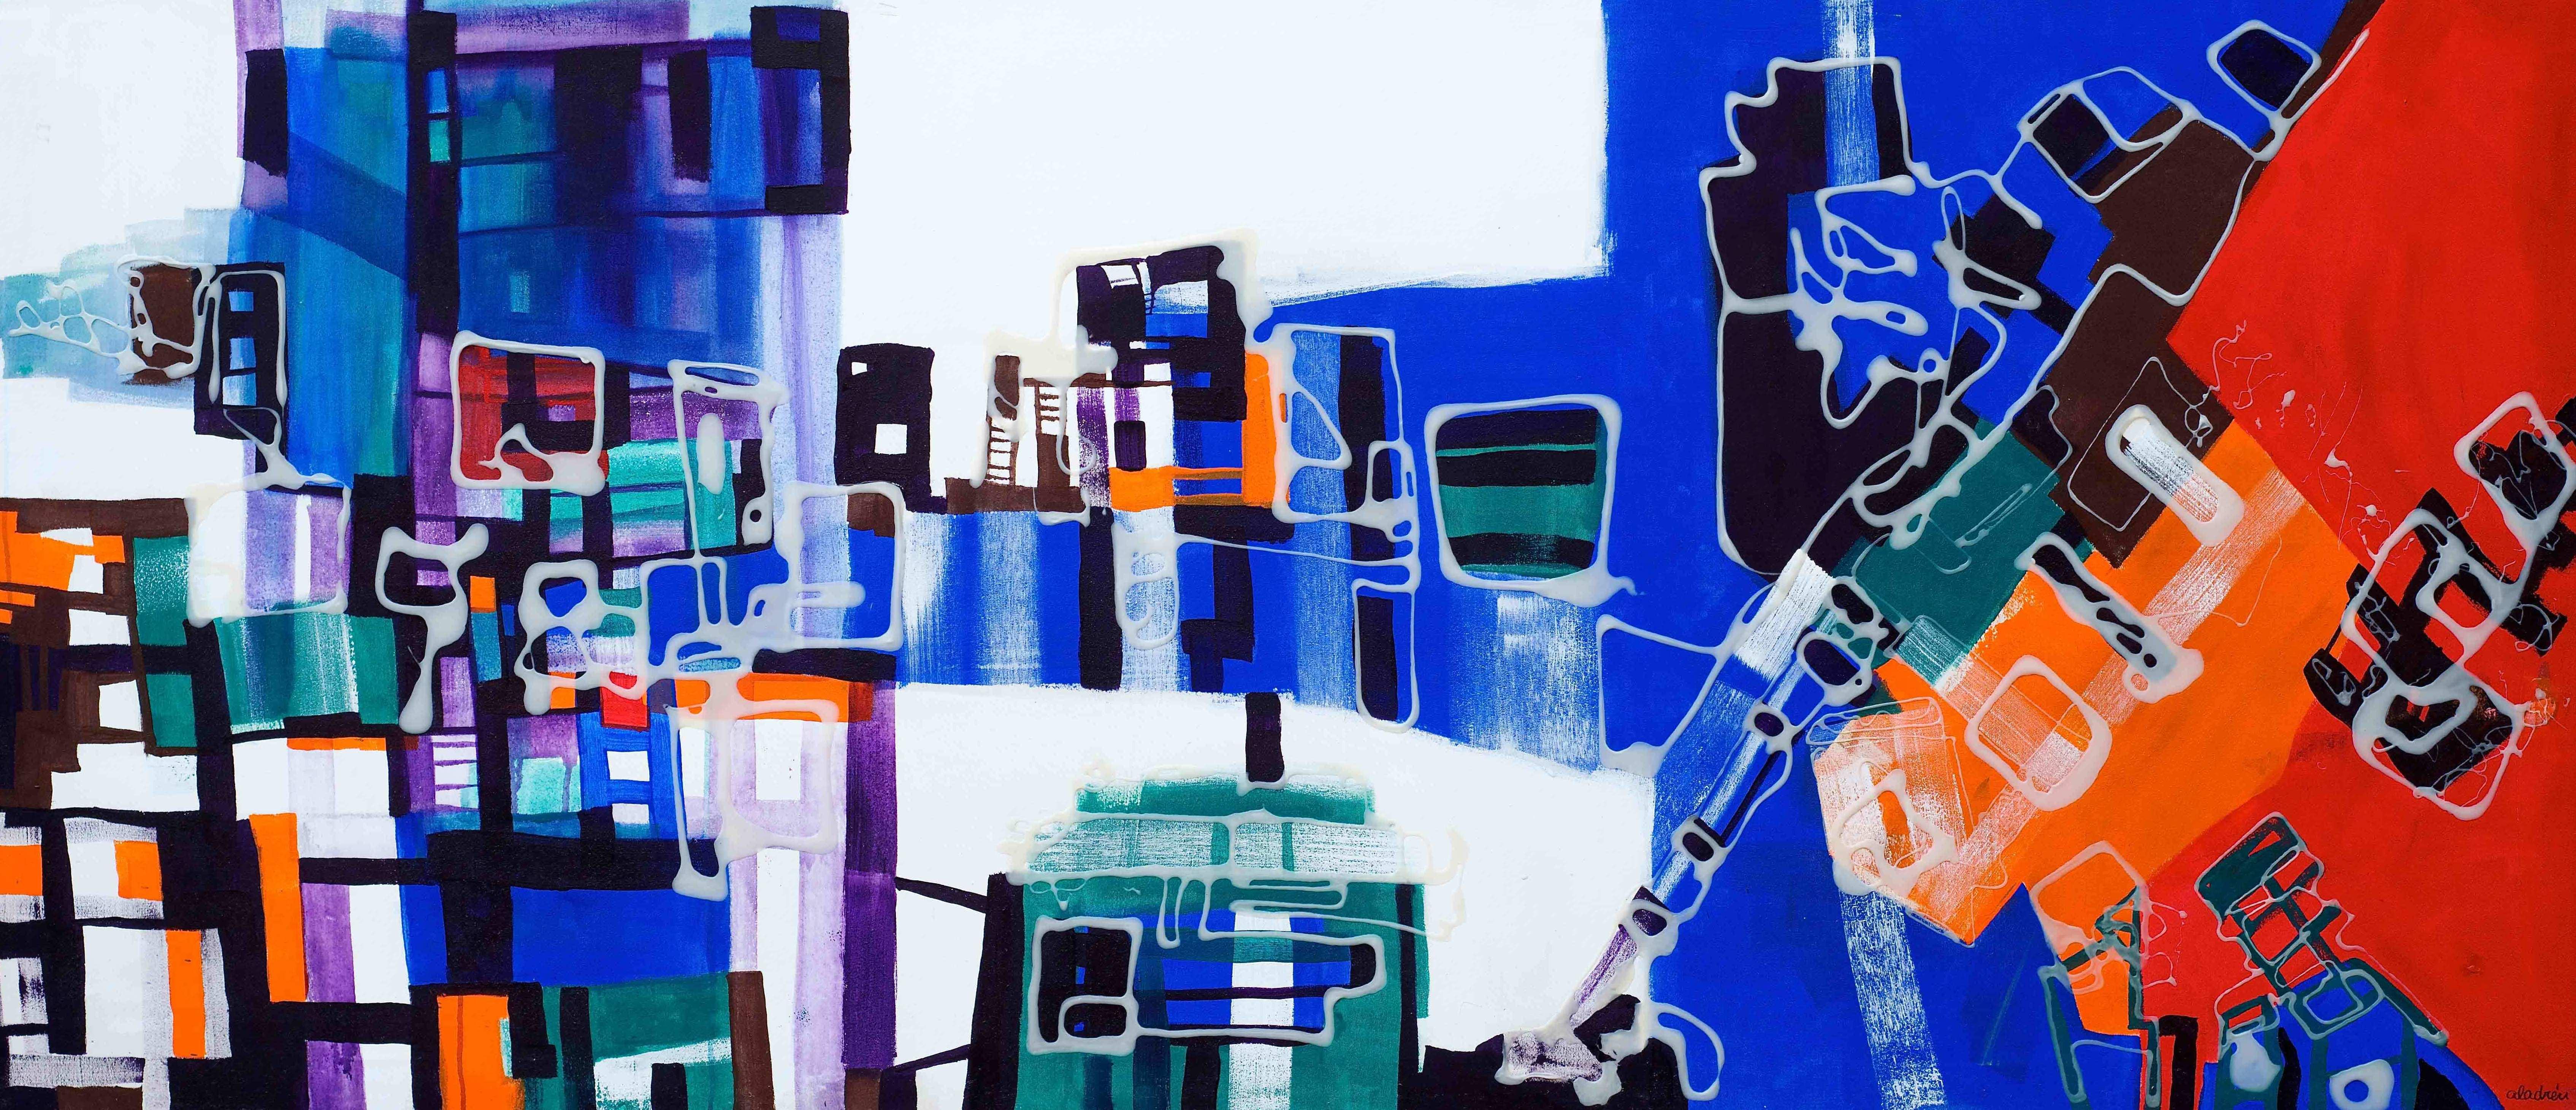 Pintura contemporánea abstracta